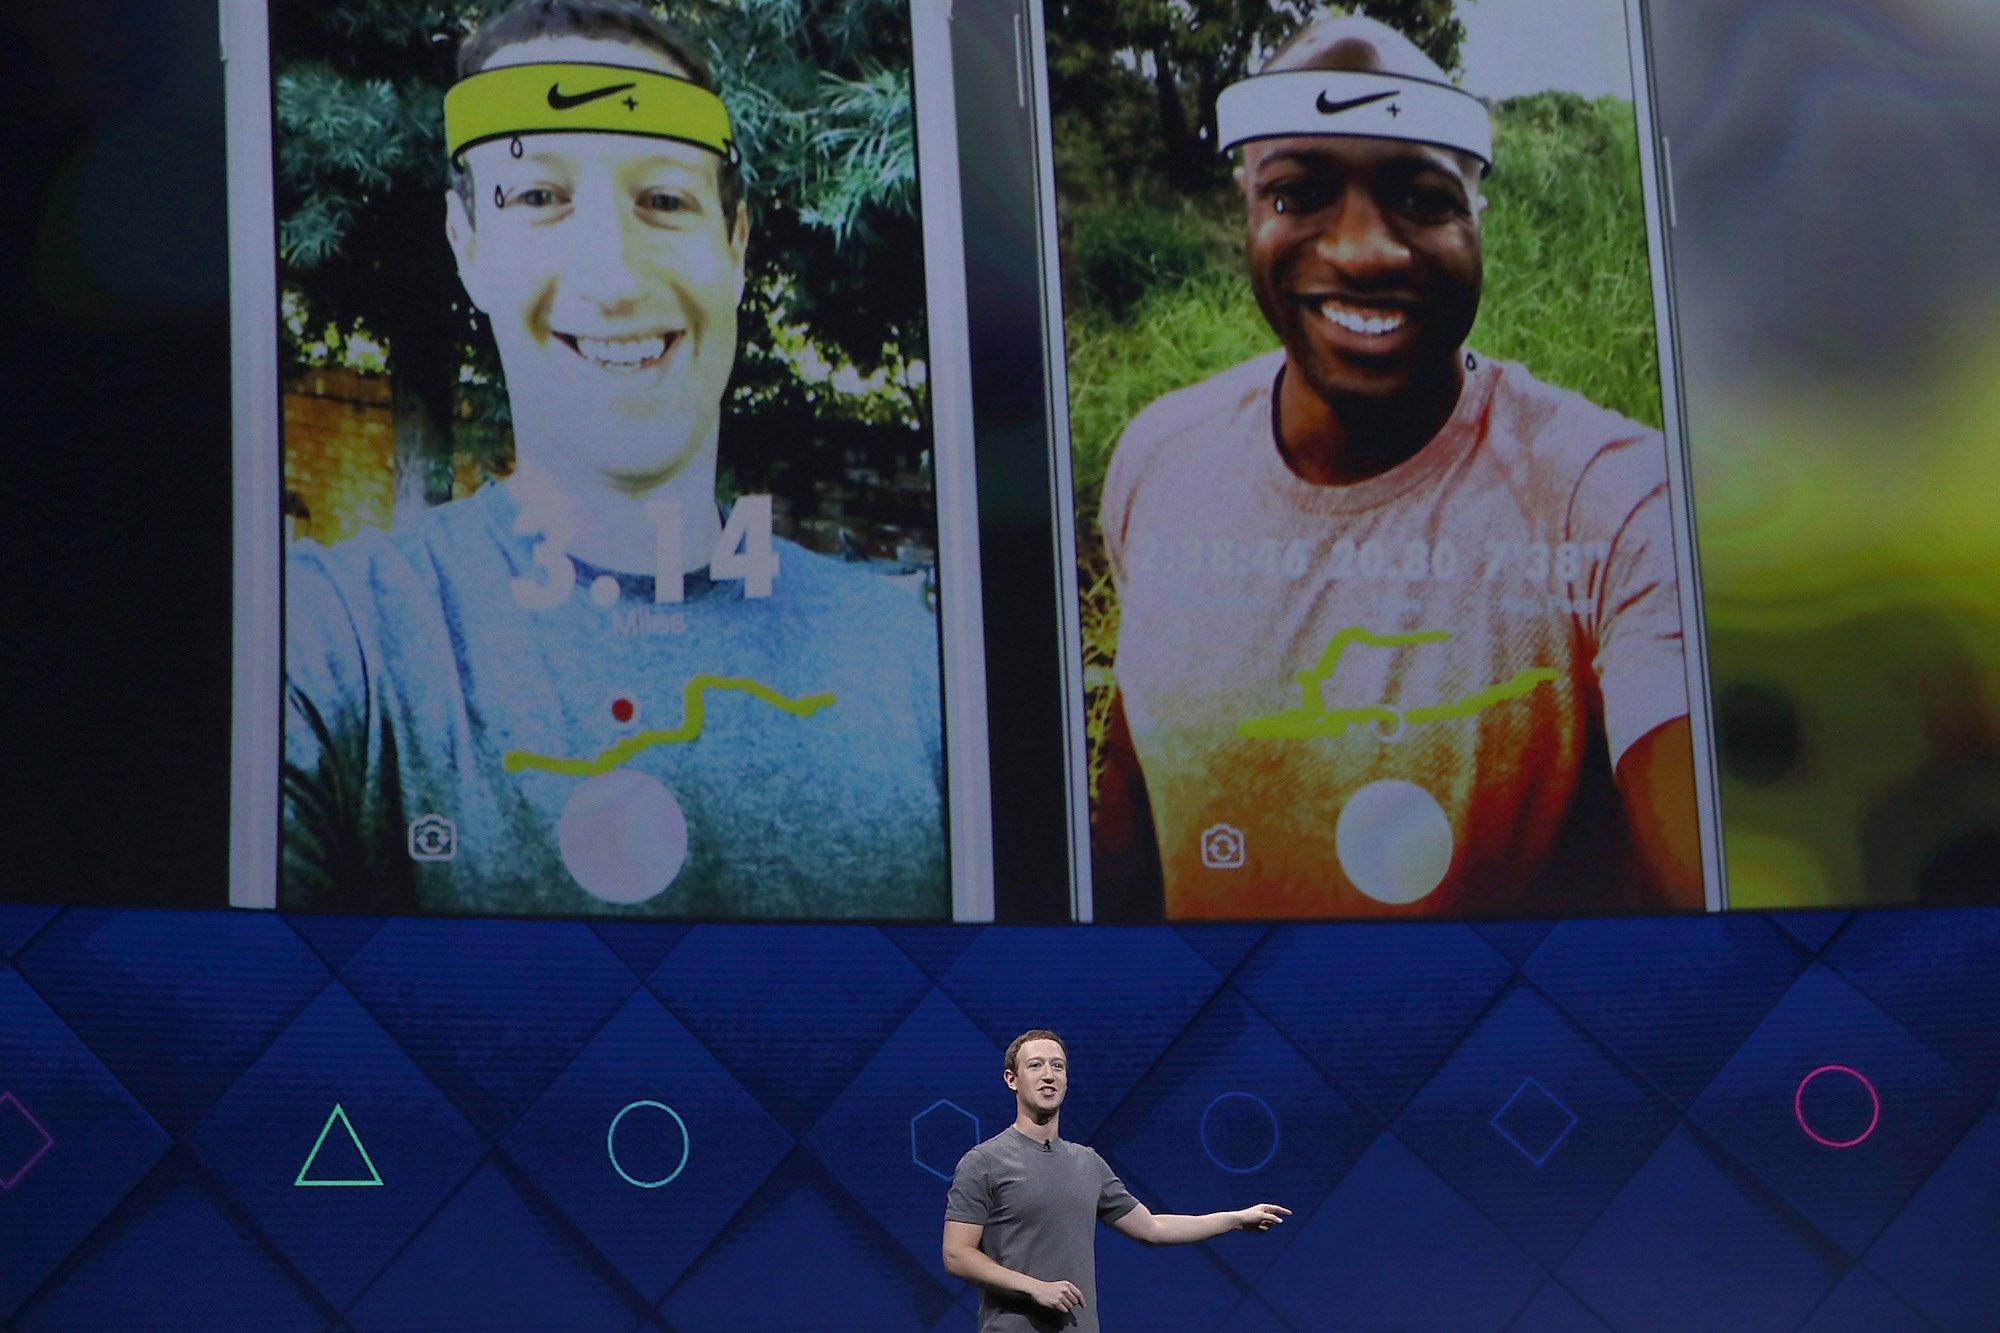 Facebook: realidade aumentada e bots para as marcas comunicarem